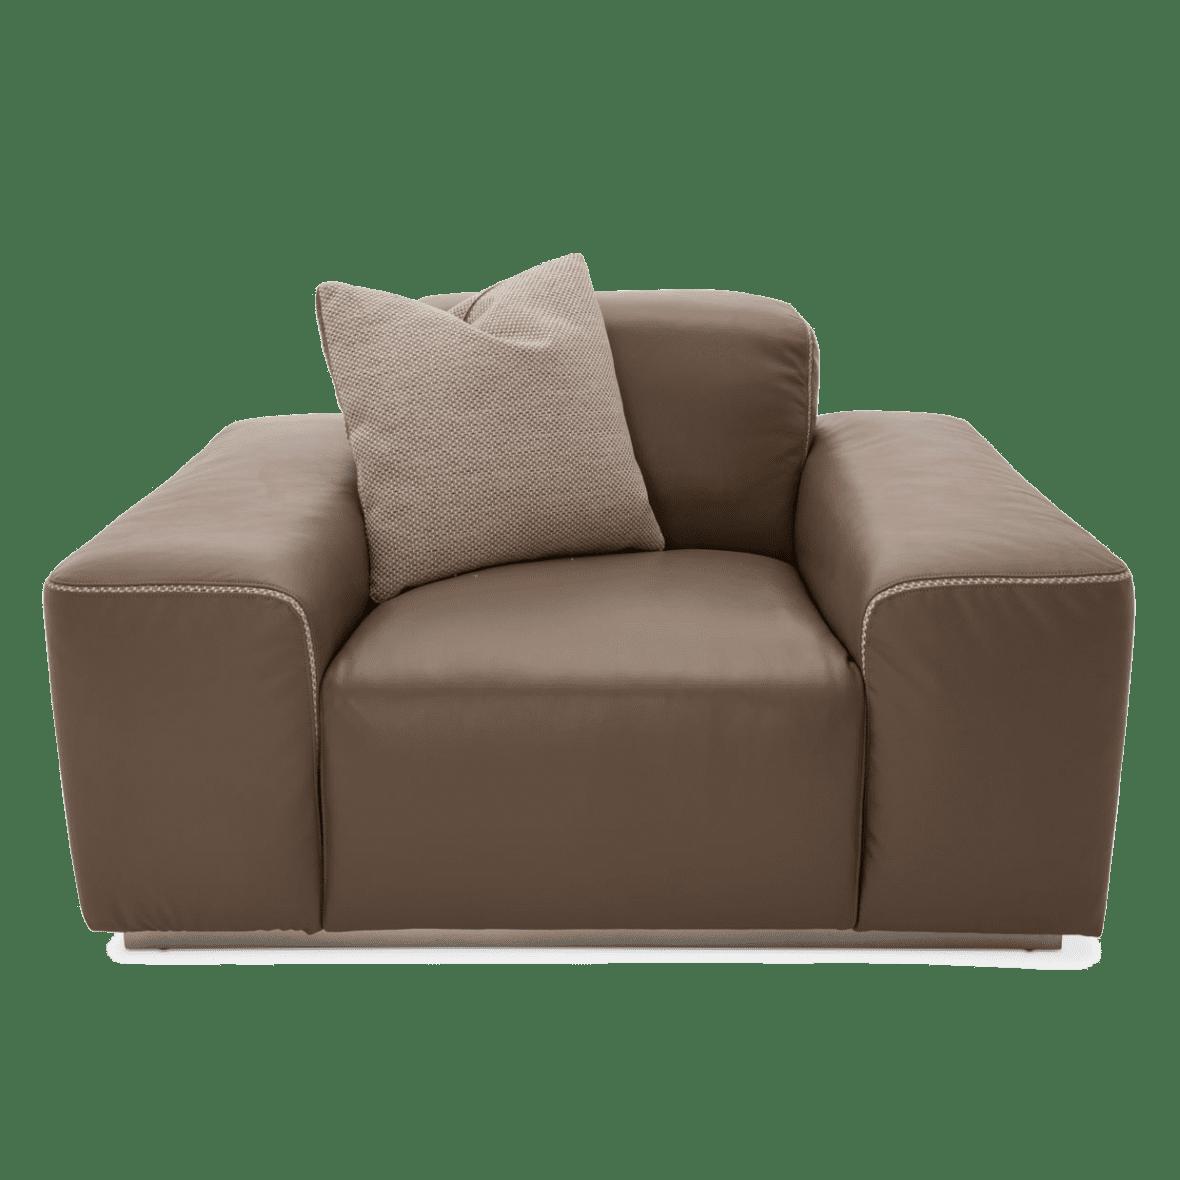 Eclipse Кресло для чтения, обивка кожа